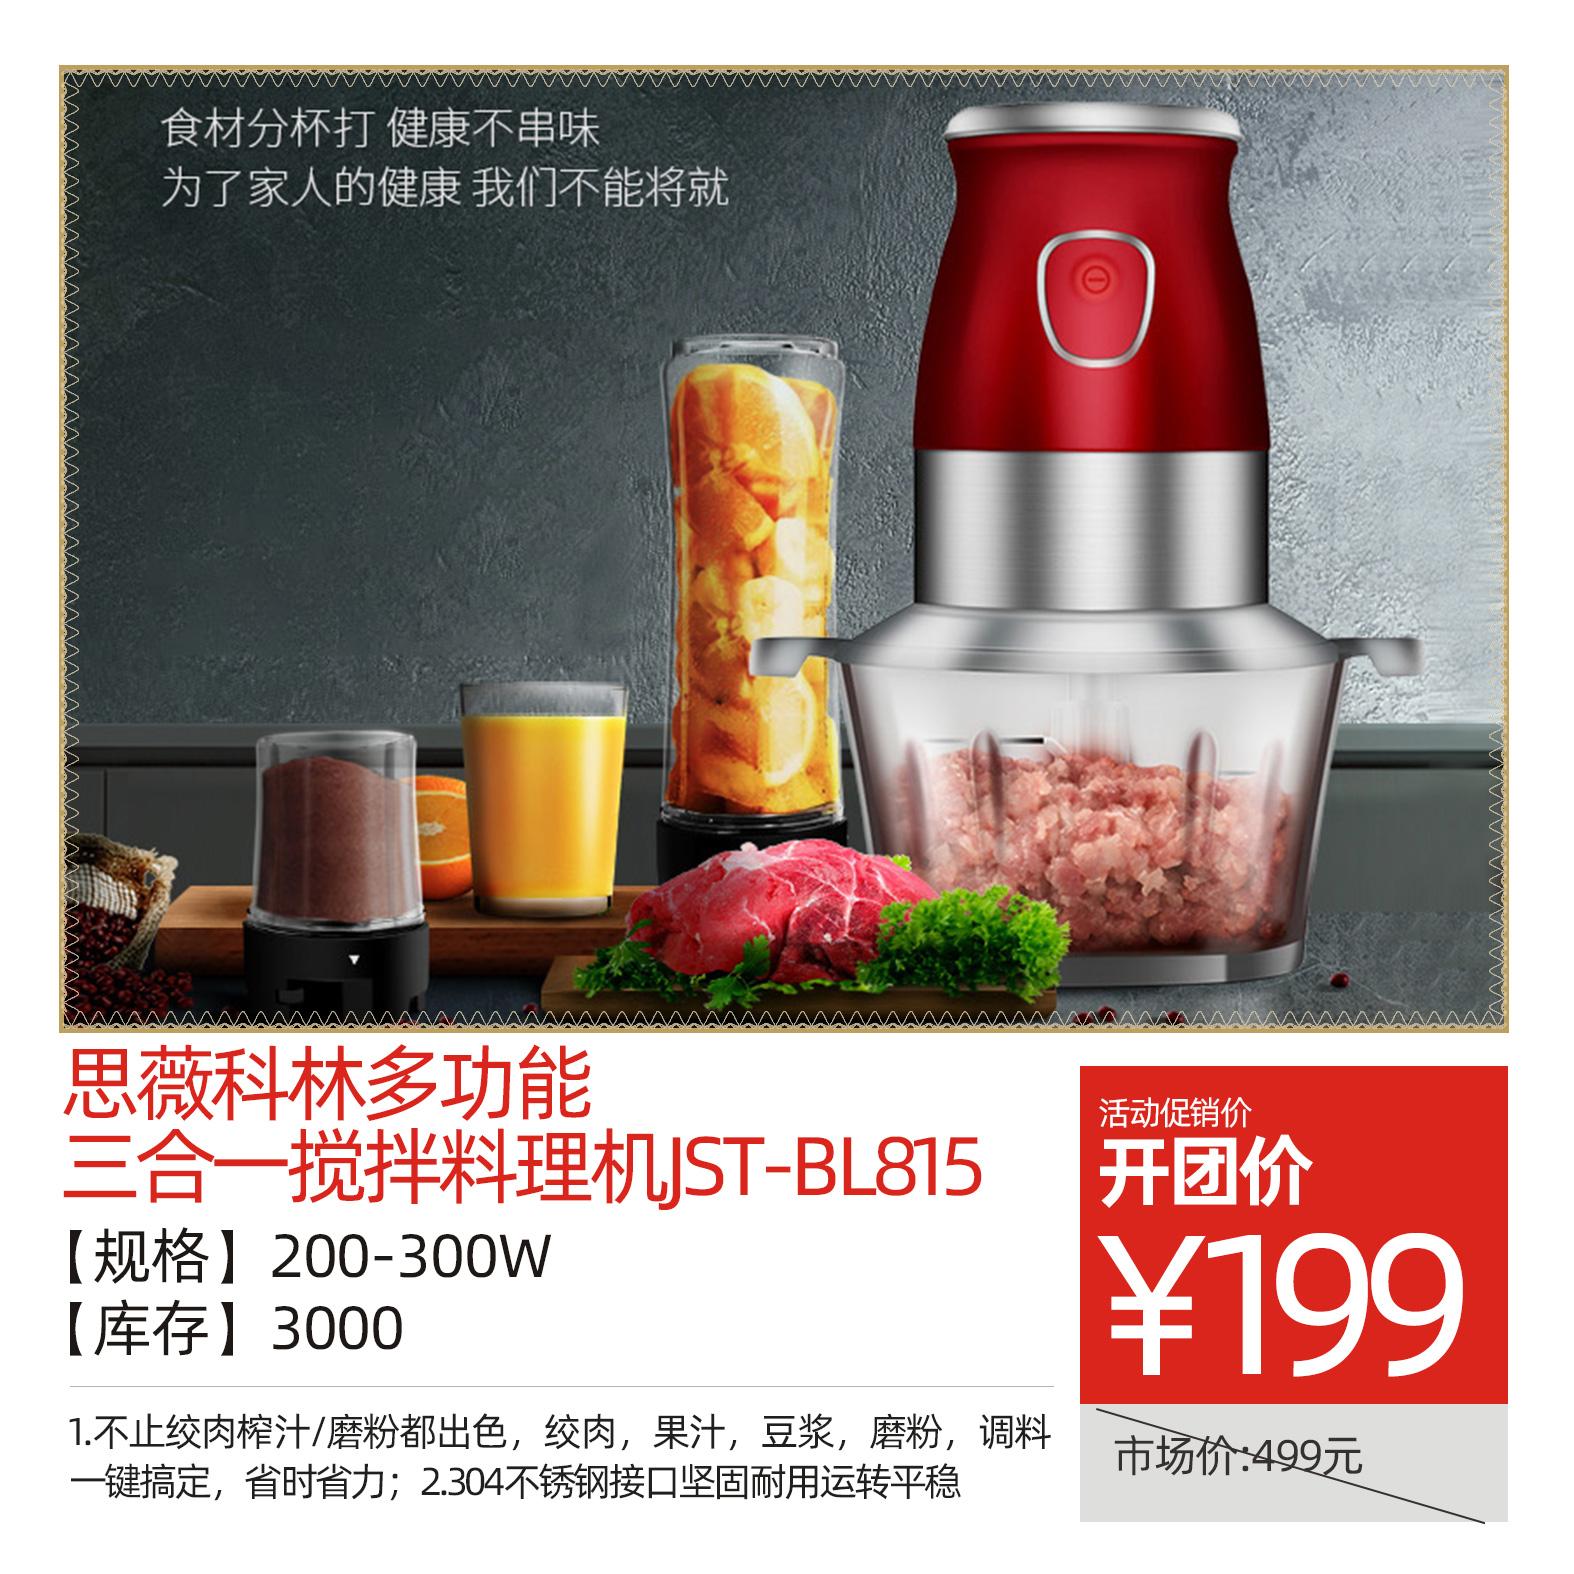 思薇科林多功能三合一搅拌料理机JST-BL815